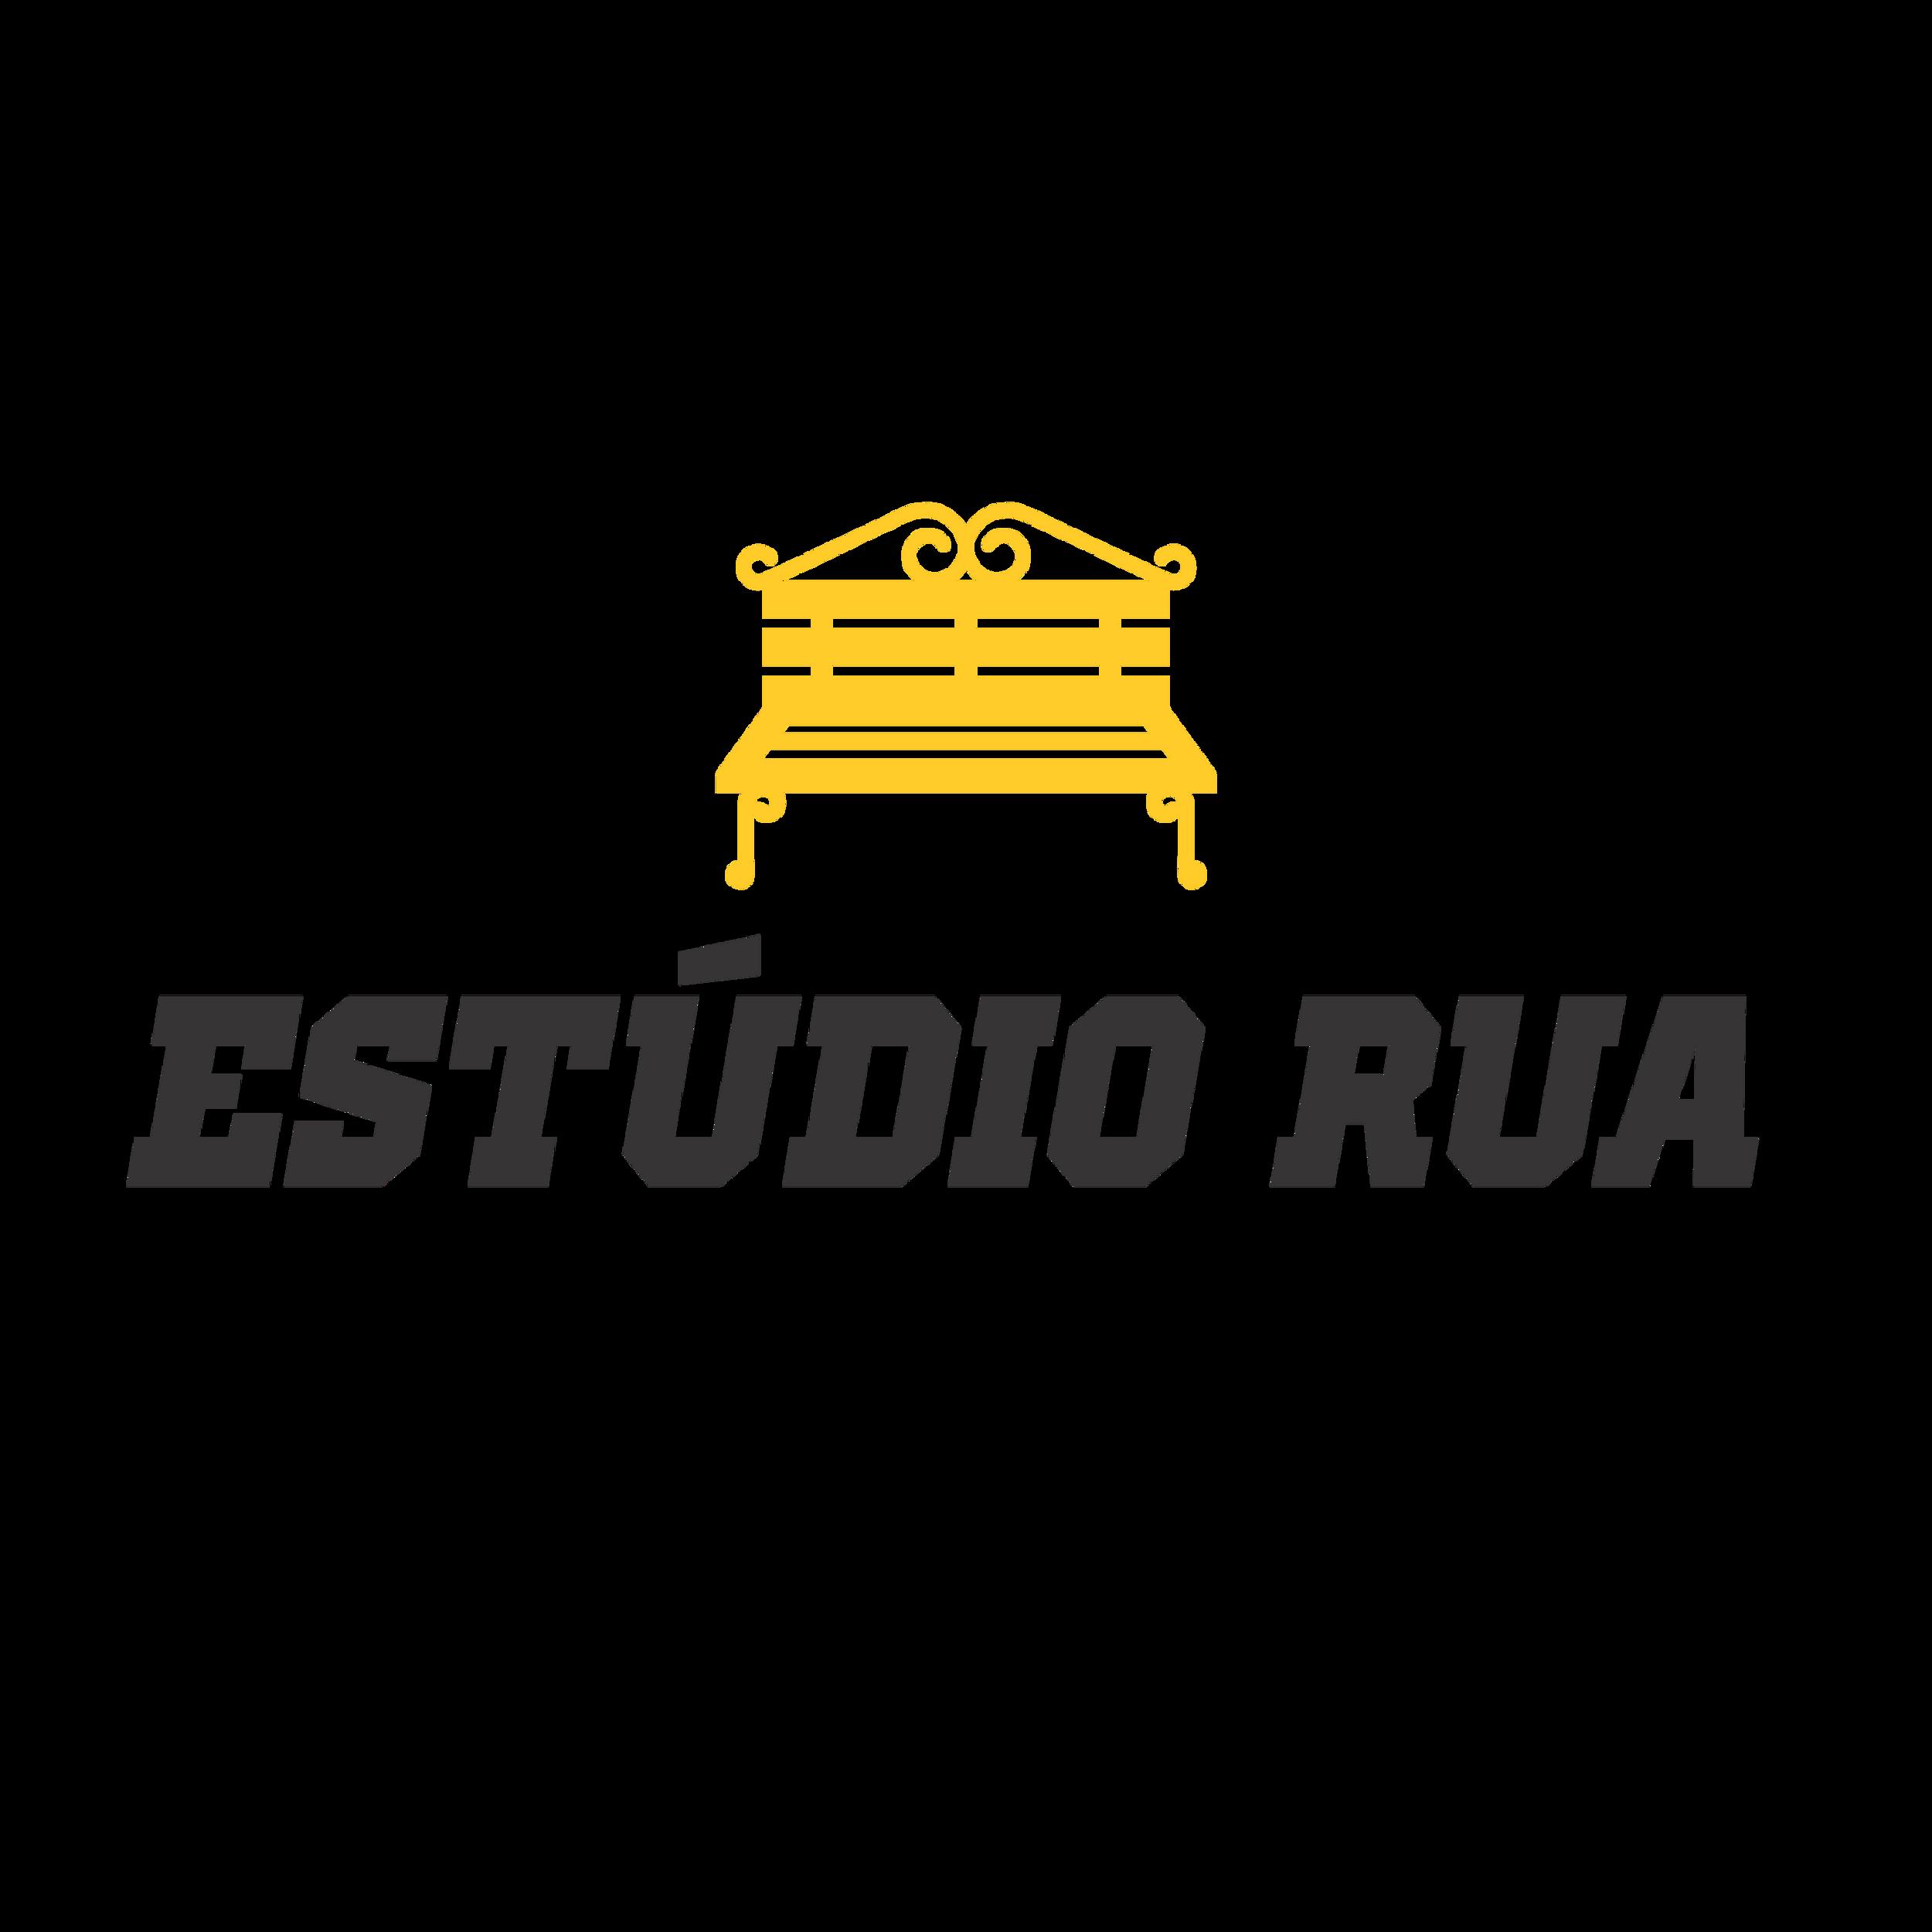 (c) Estudiorua.com.br